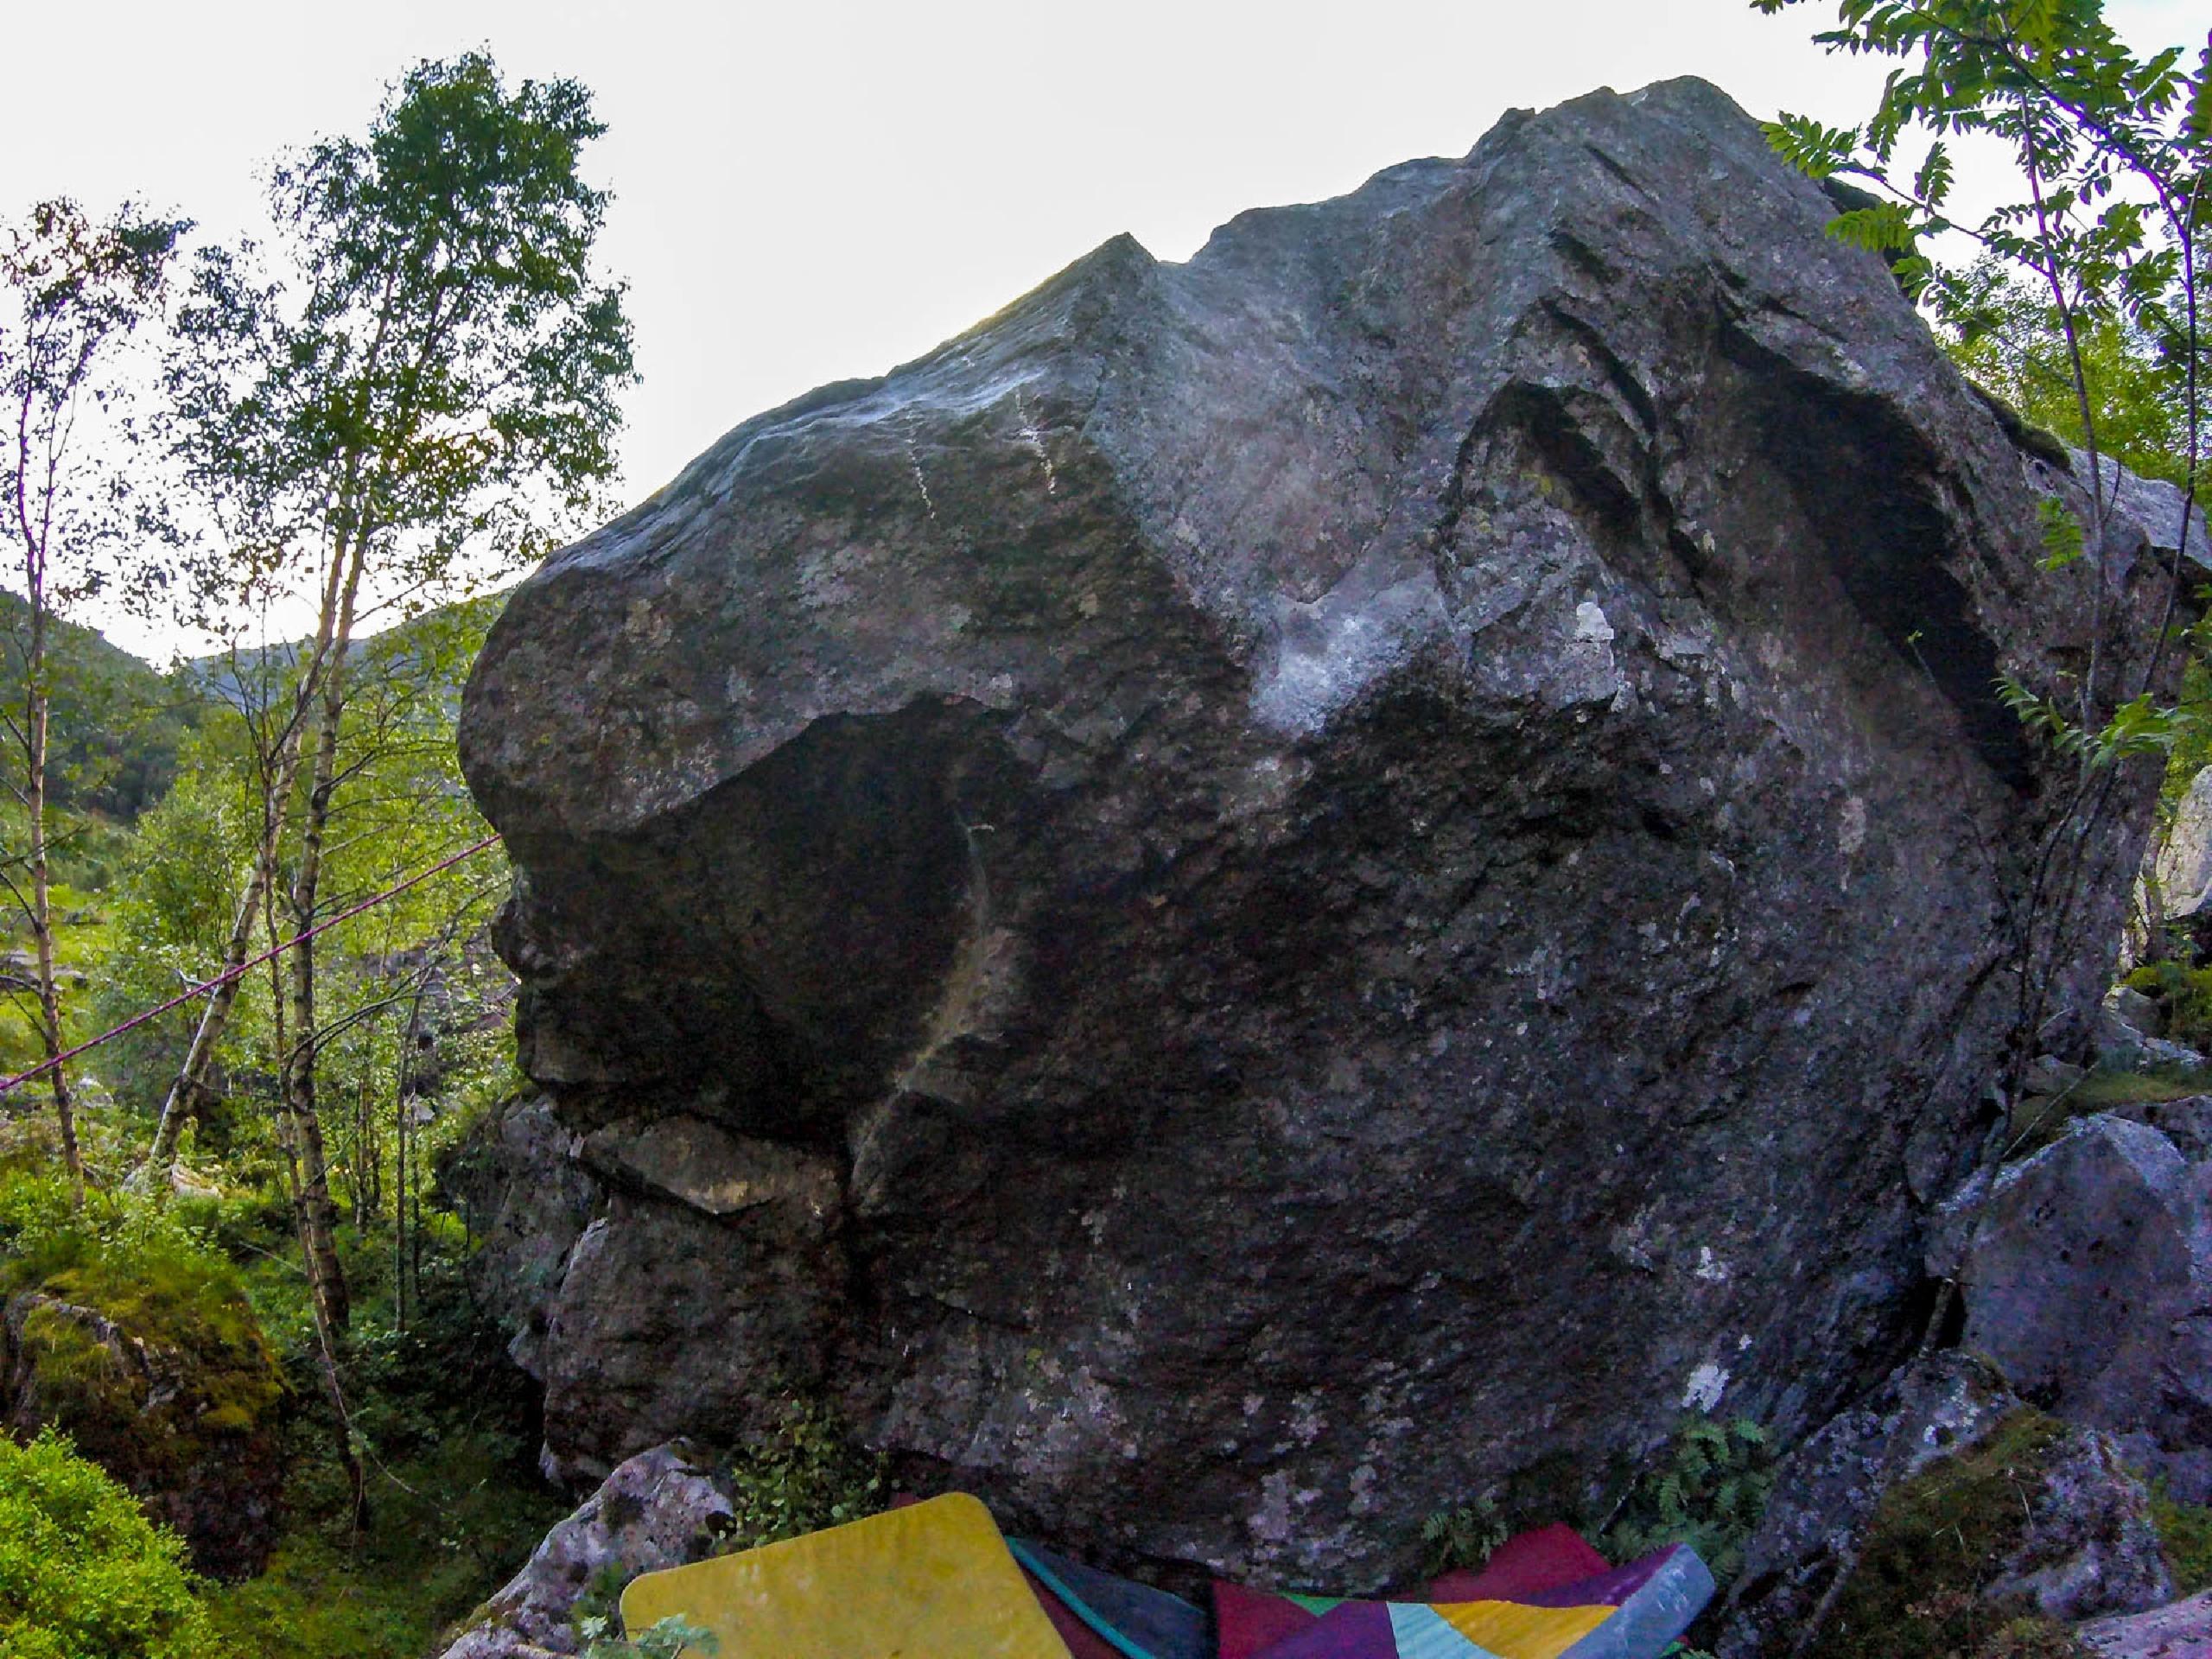 photographer: Jostein Øygarden